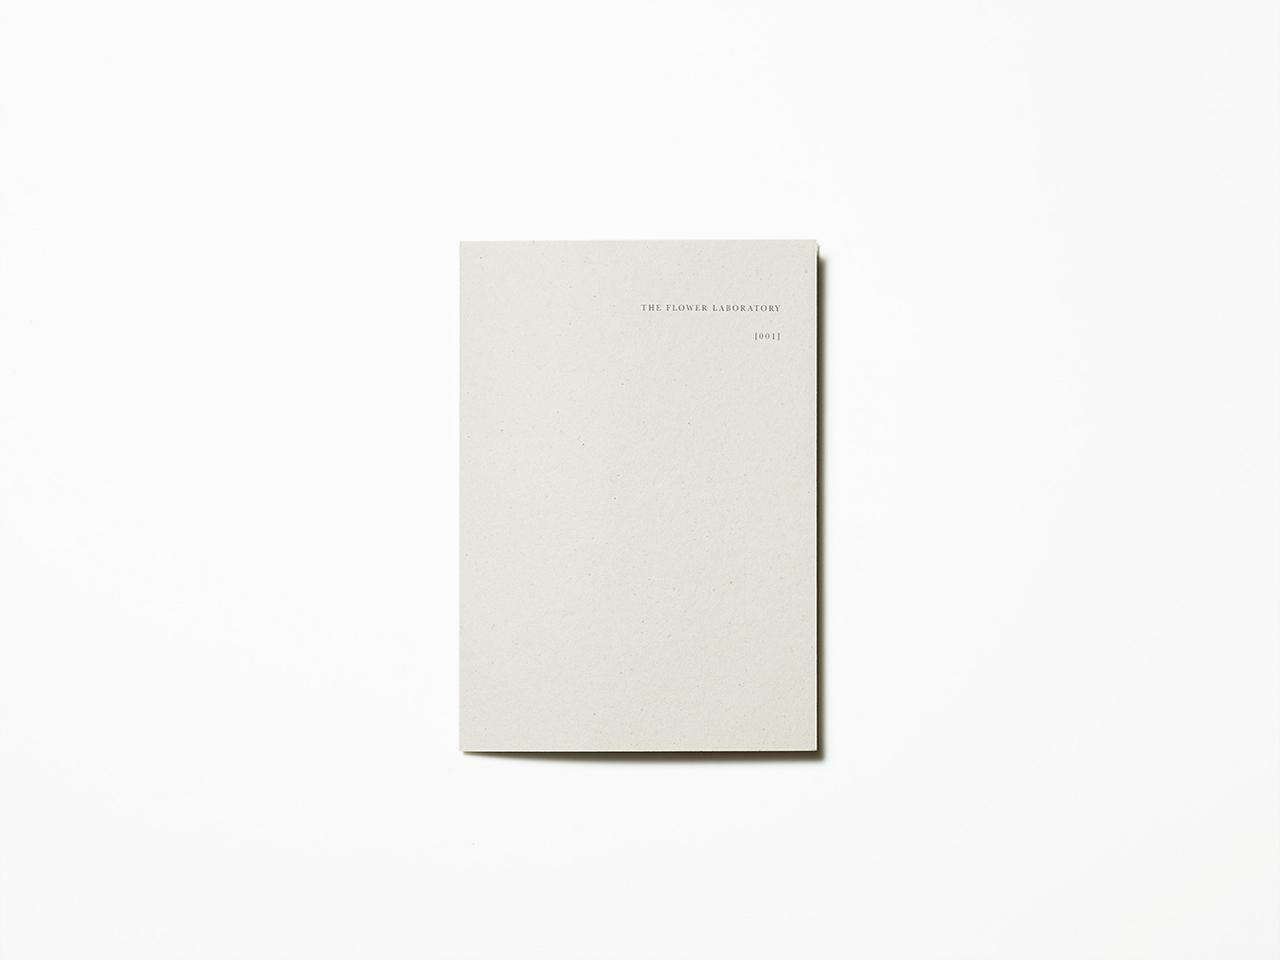 Plate 1 (Zine, Scrap Paper)